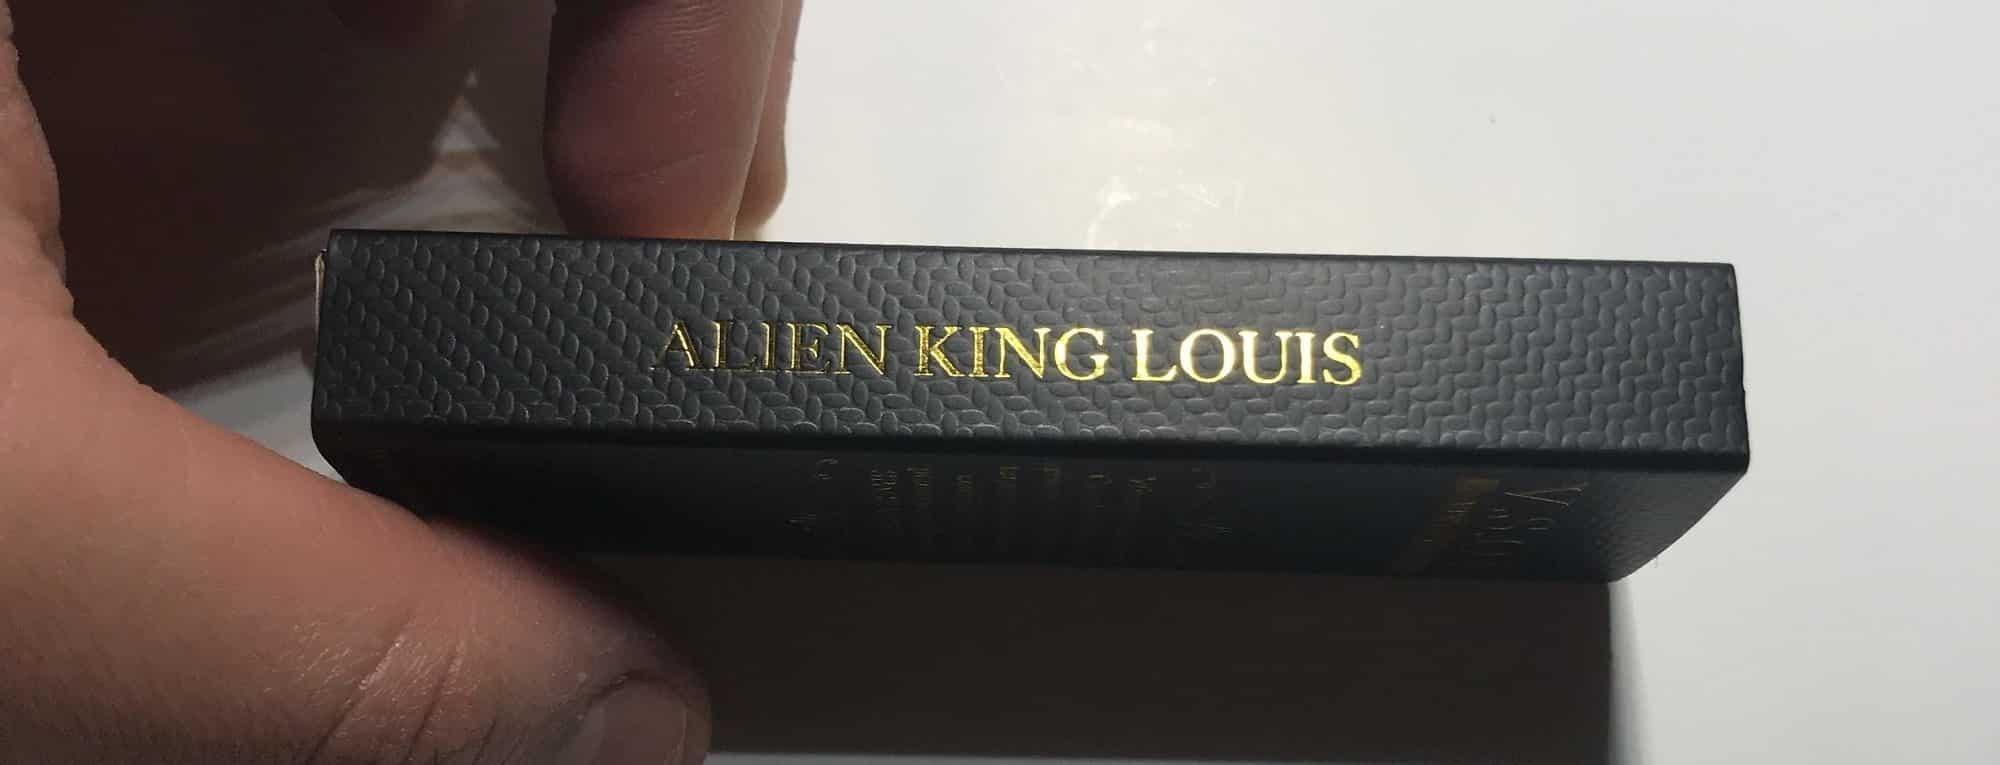 space vape king louis